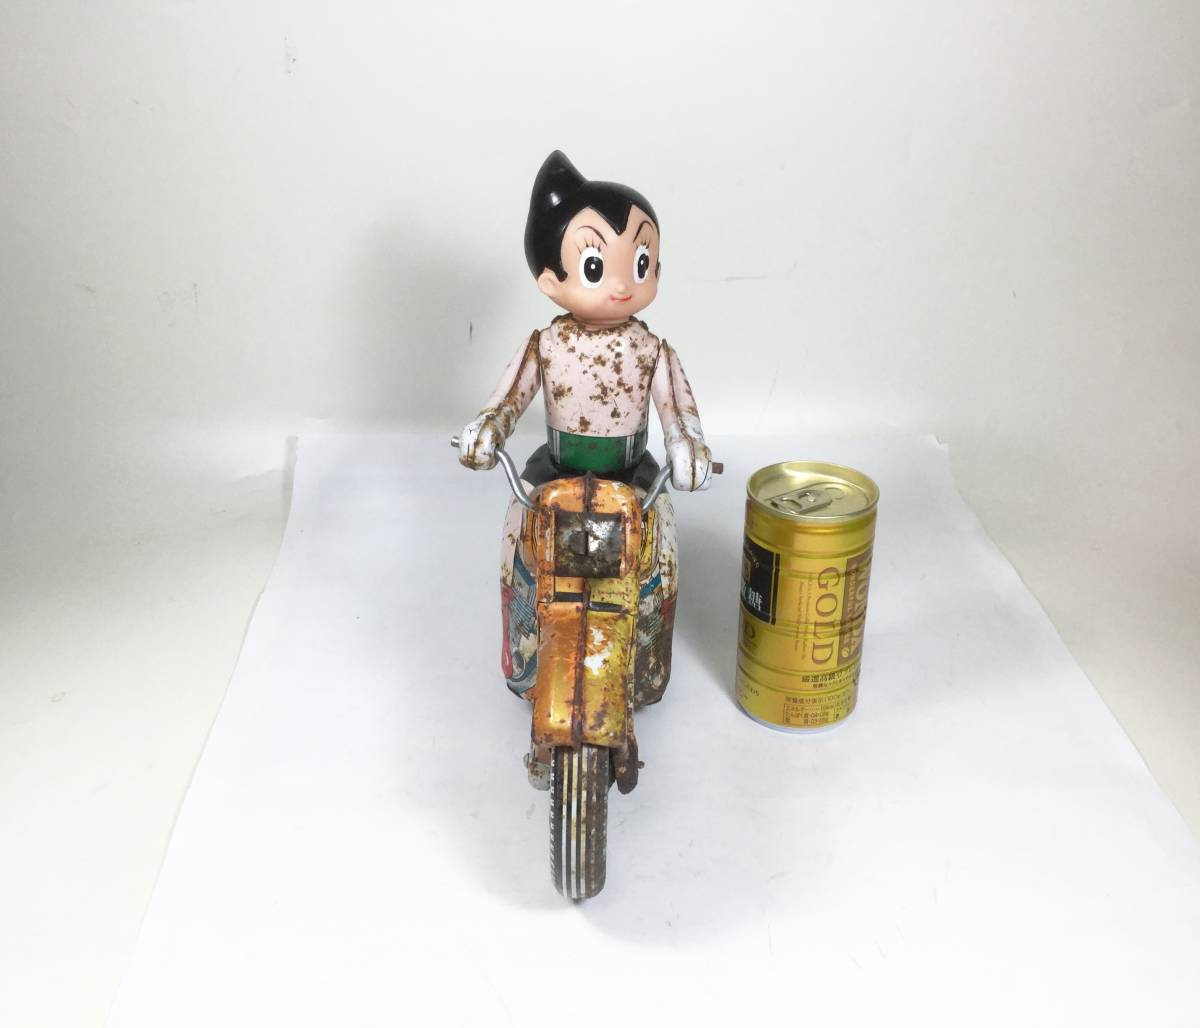 鉄腕アトム 浅草玩具 オートバイ 大型サイズ 1960年代 当時もの レトロ ビンテージ フリクション走行 バイク 虫プロ _画像4